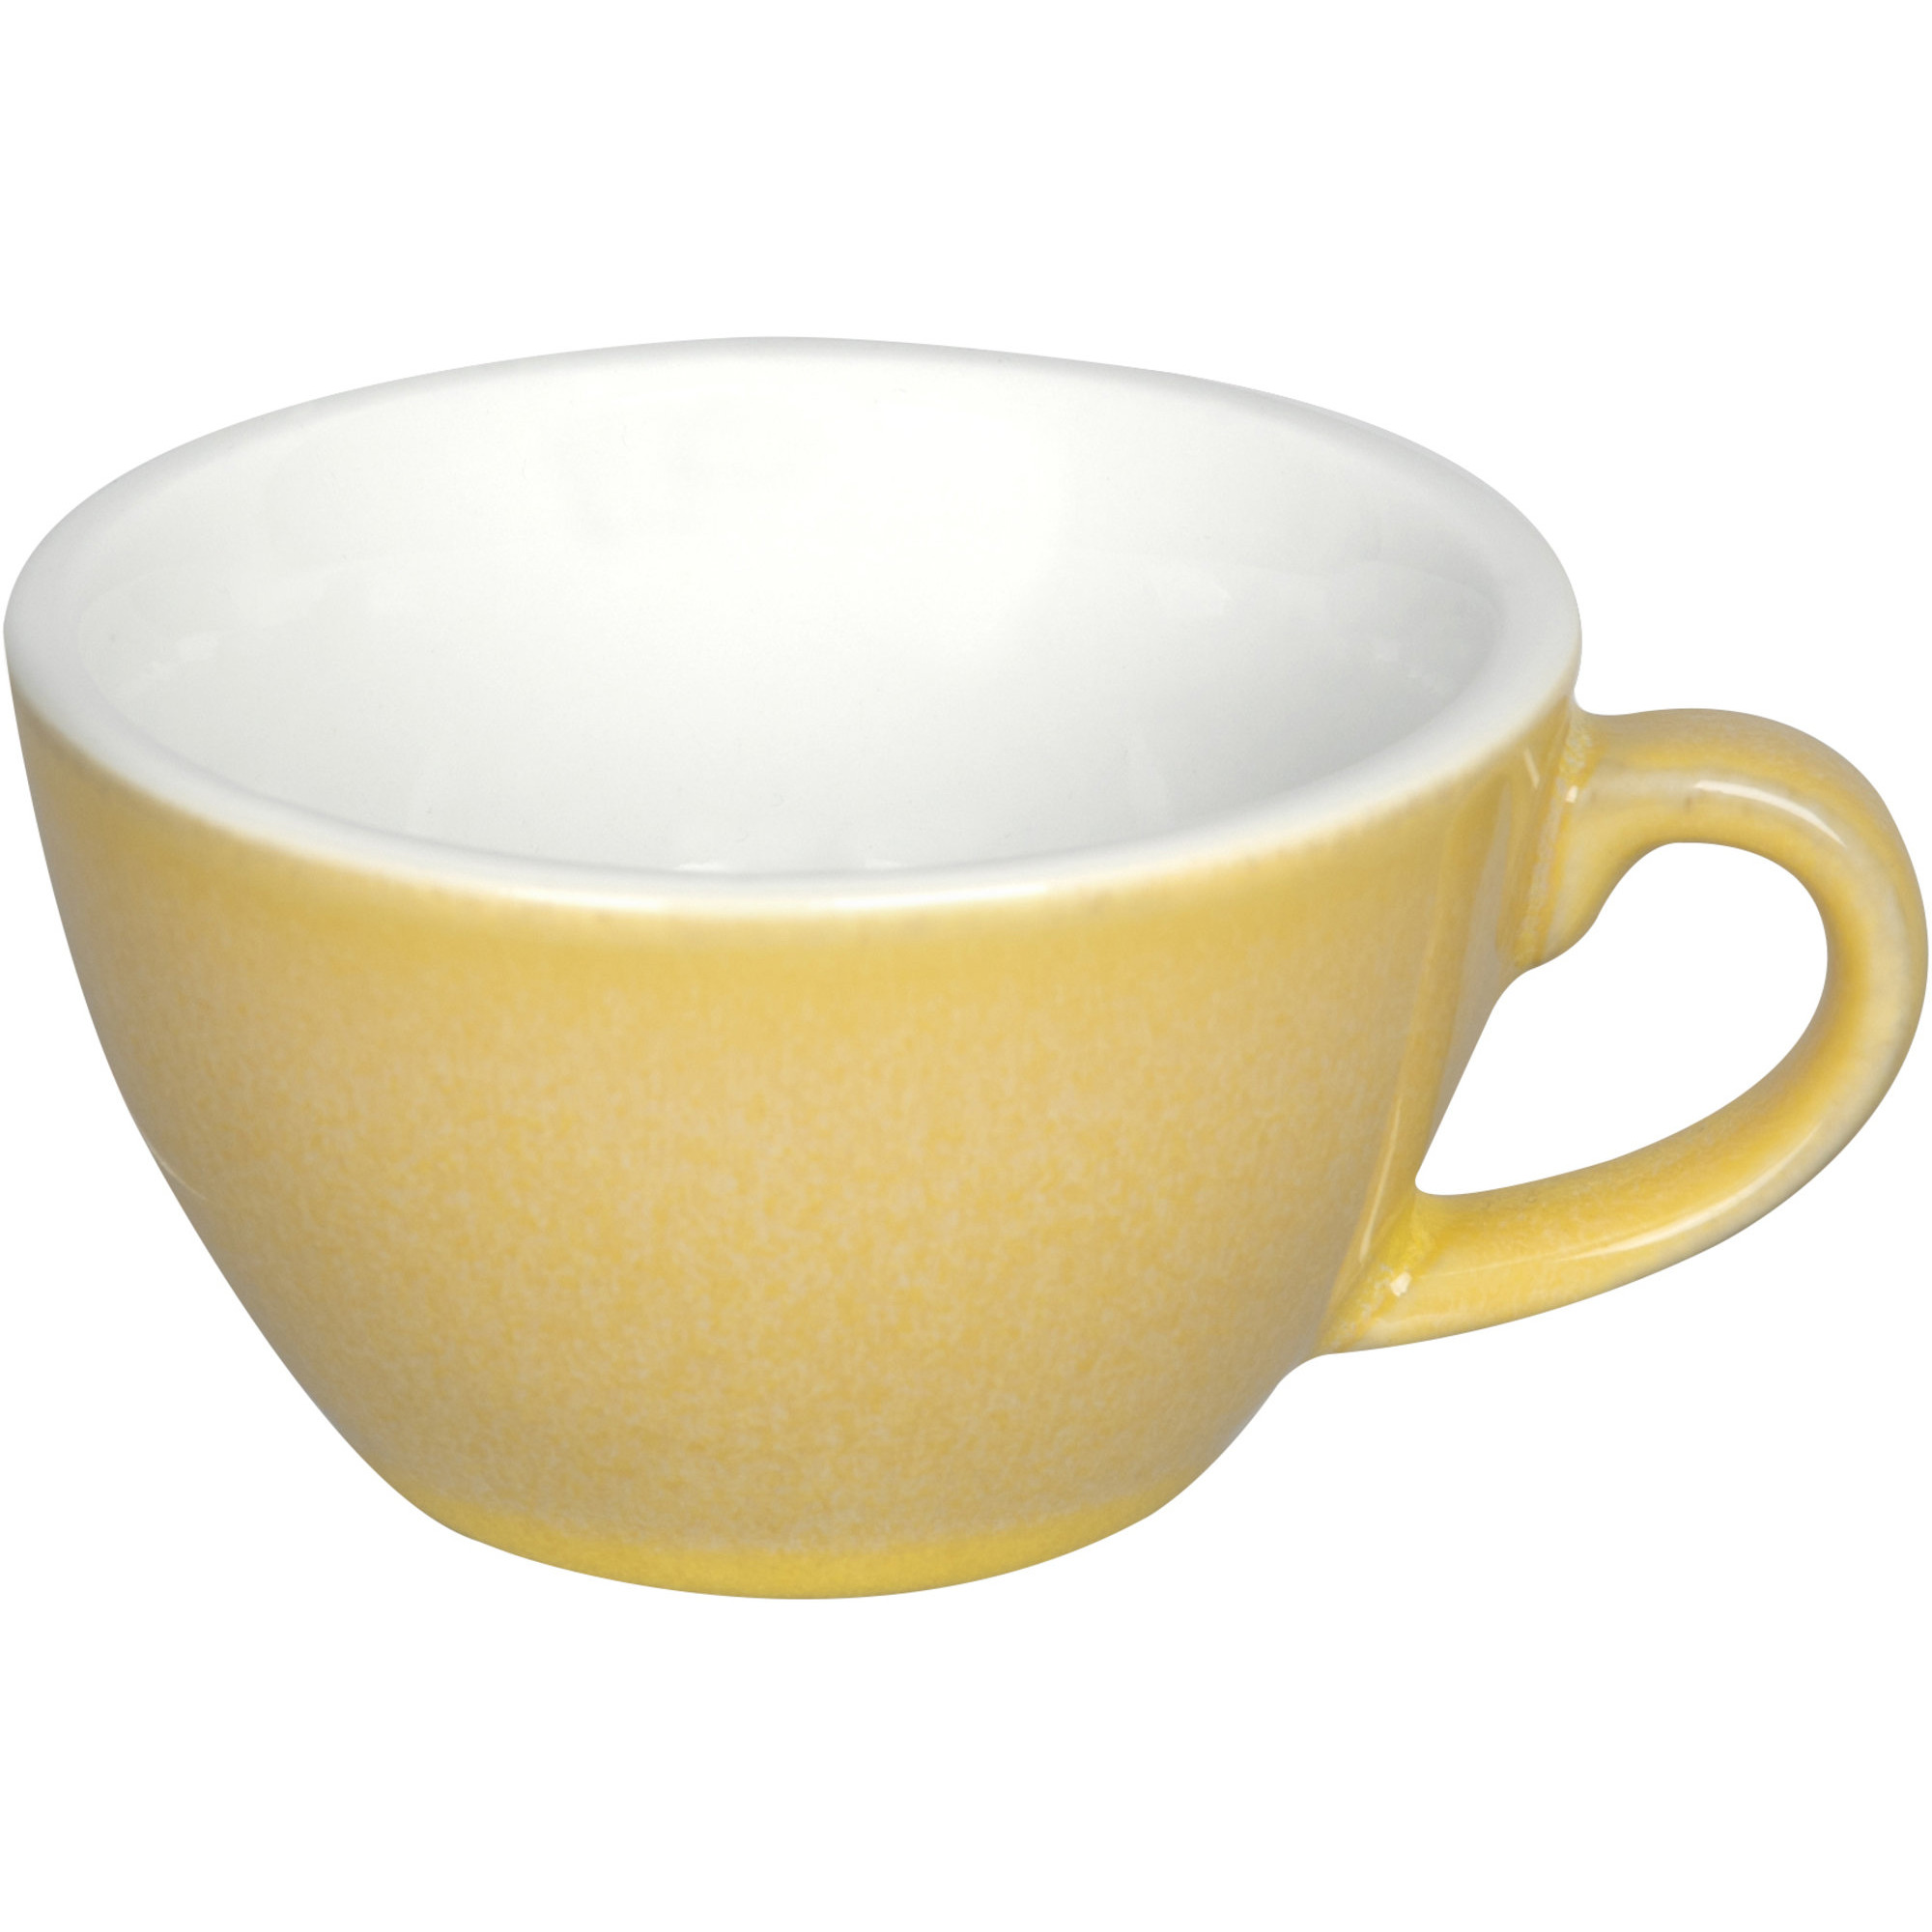 Loveramics Egg Flat White kaffekopp 150 ml. 6 st. Gul